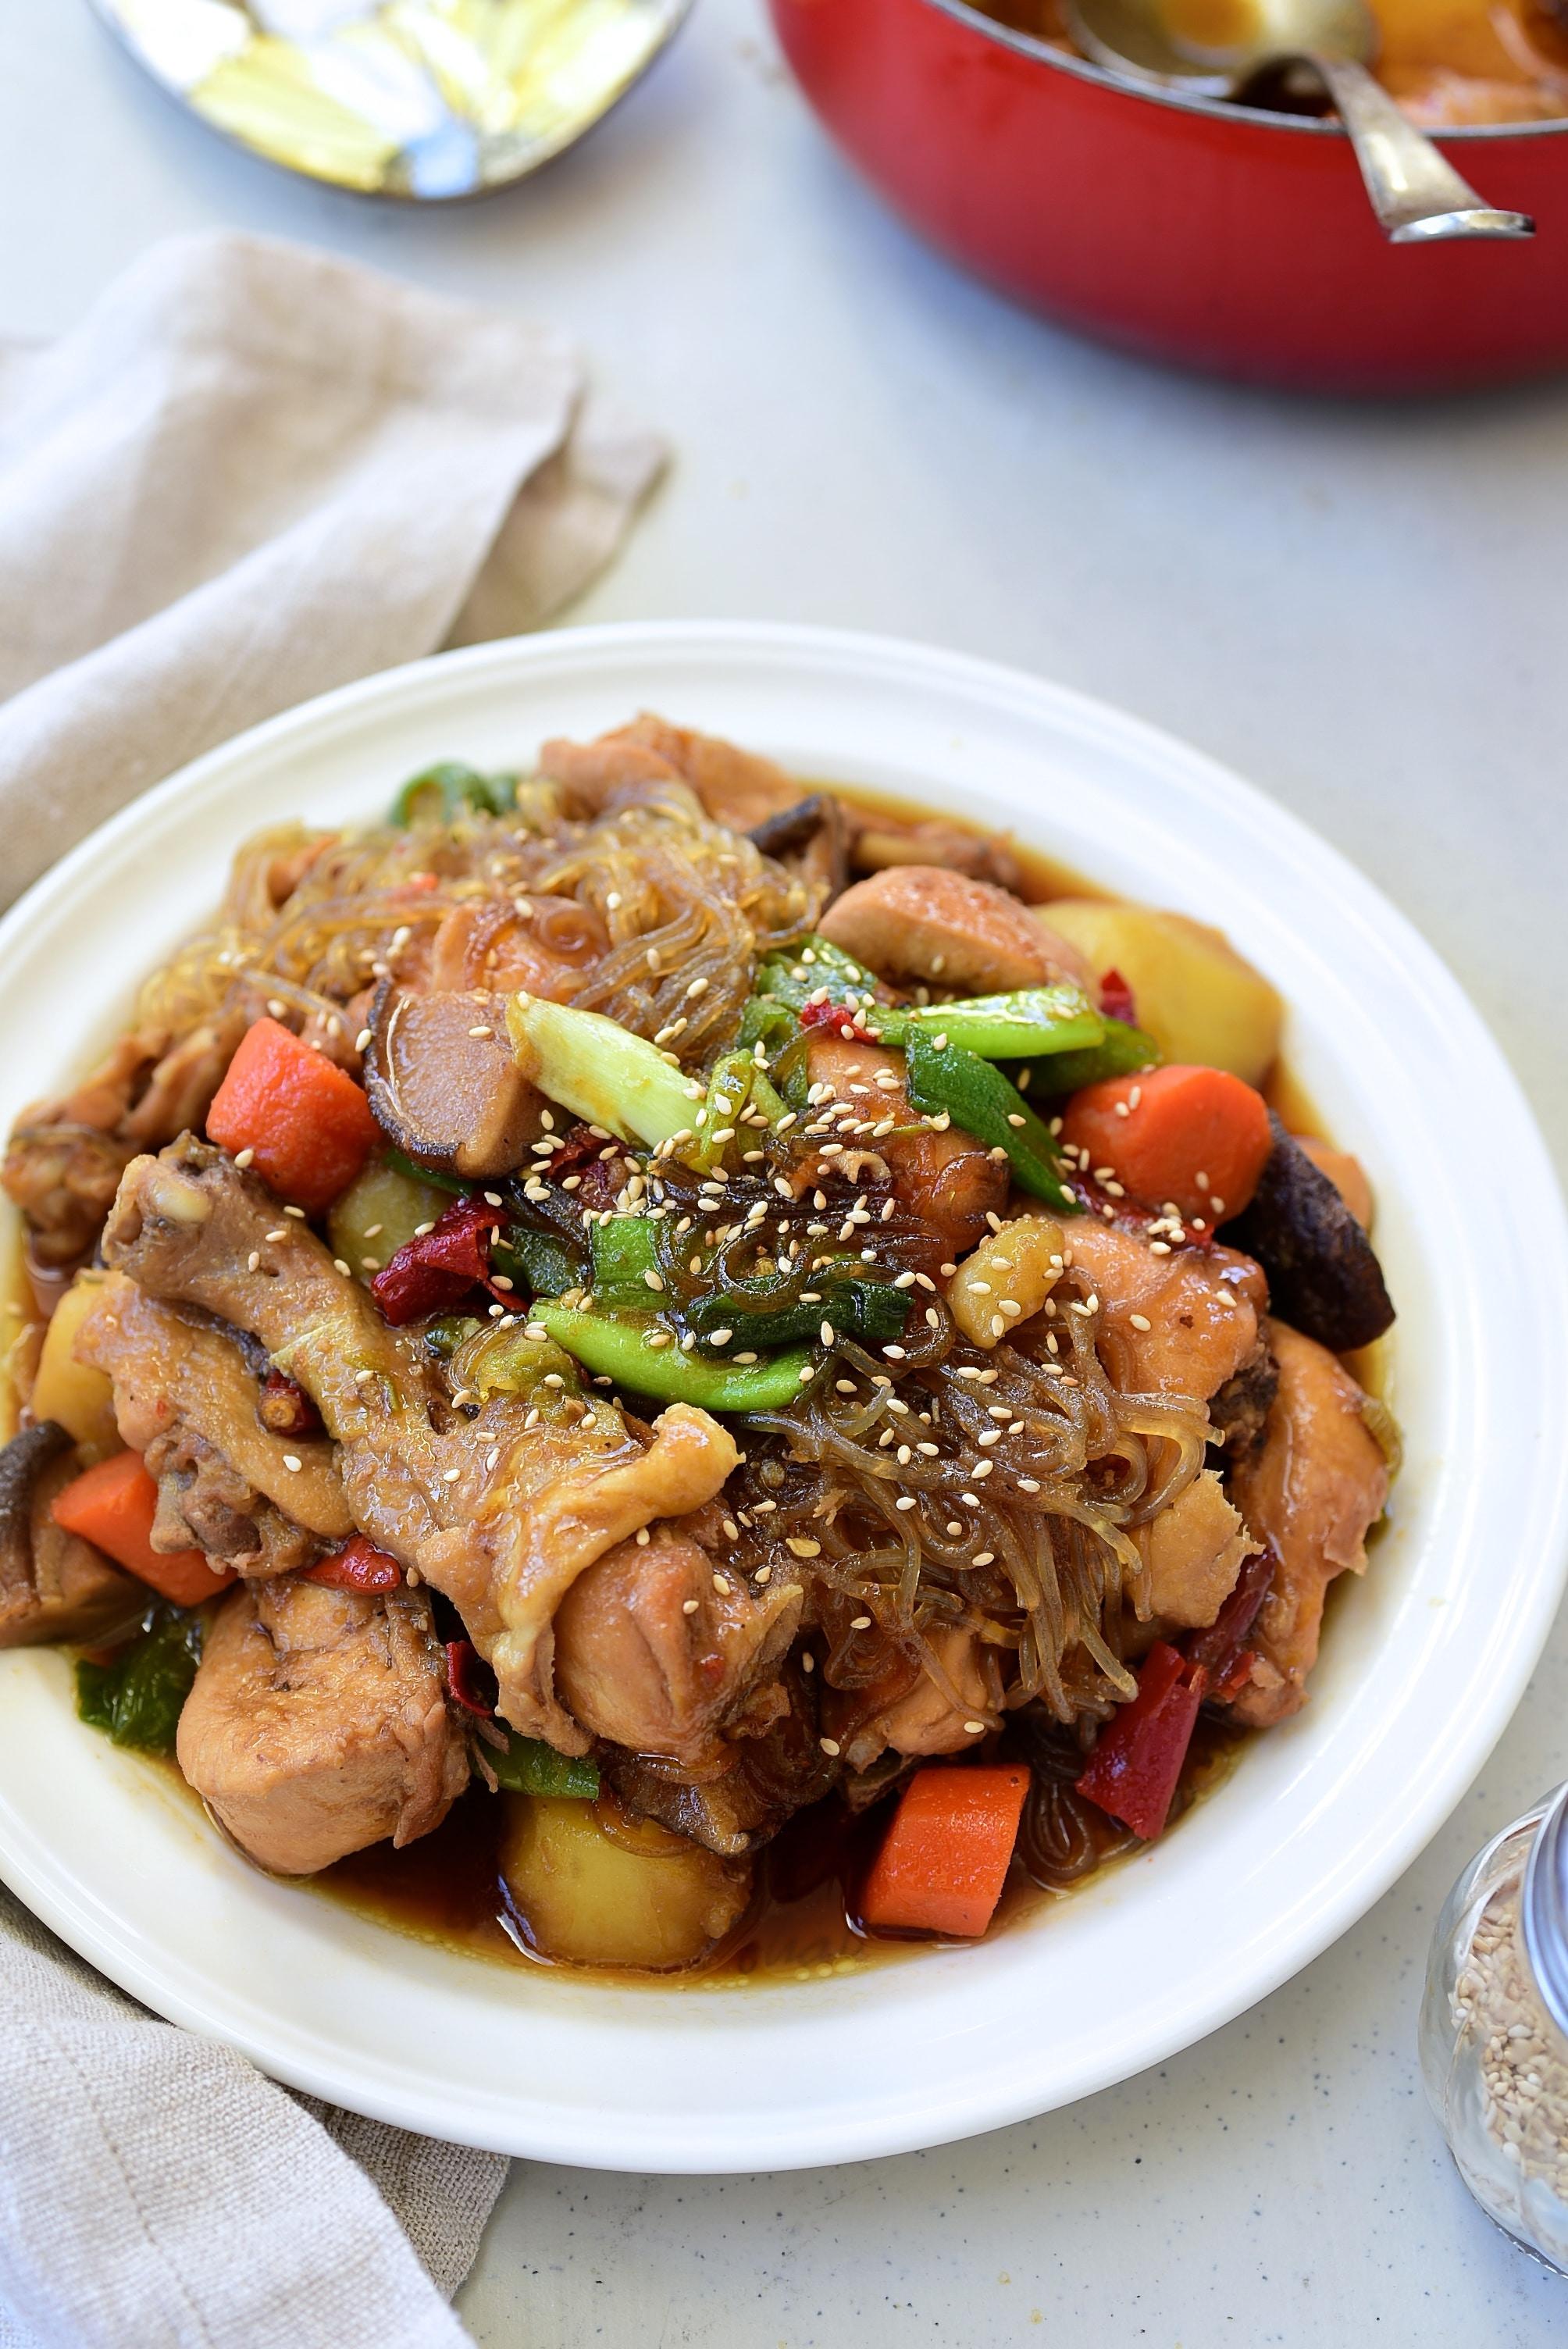 DSC 3285 - Jjimdak (Korean Braised chicken)